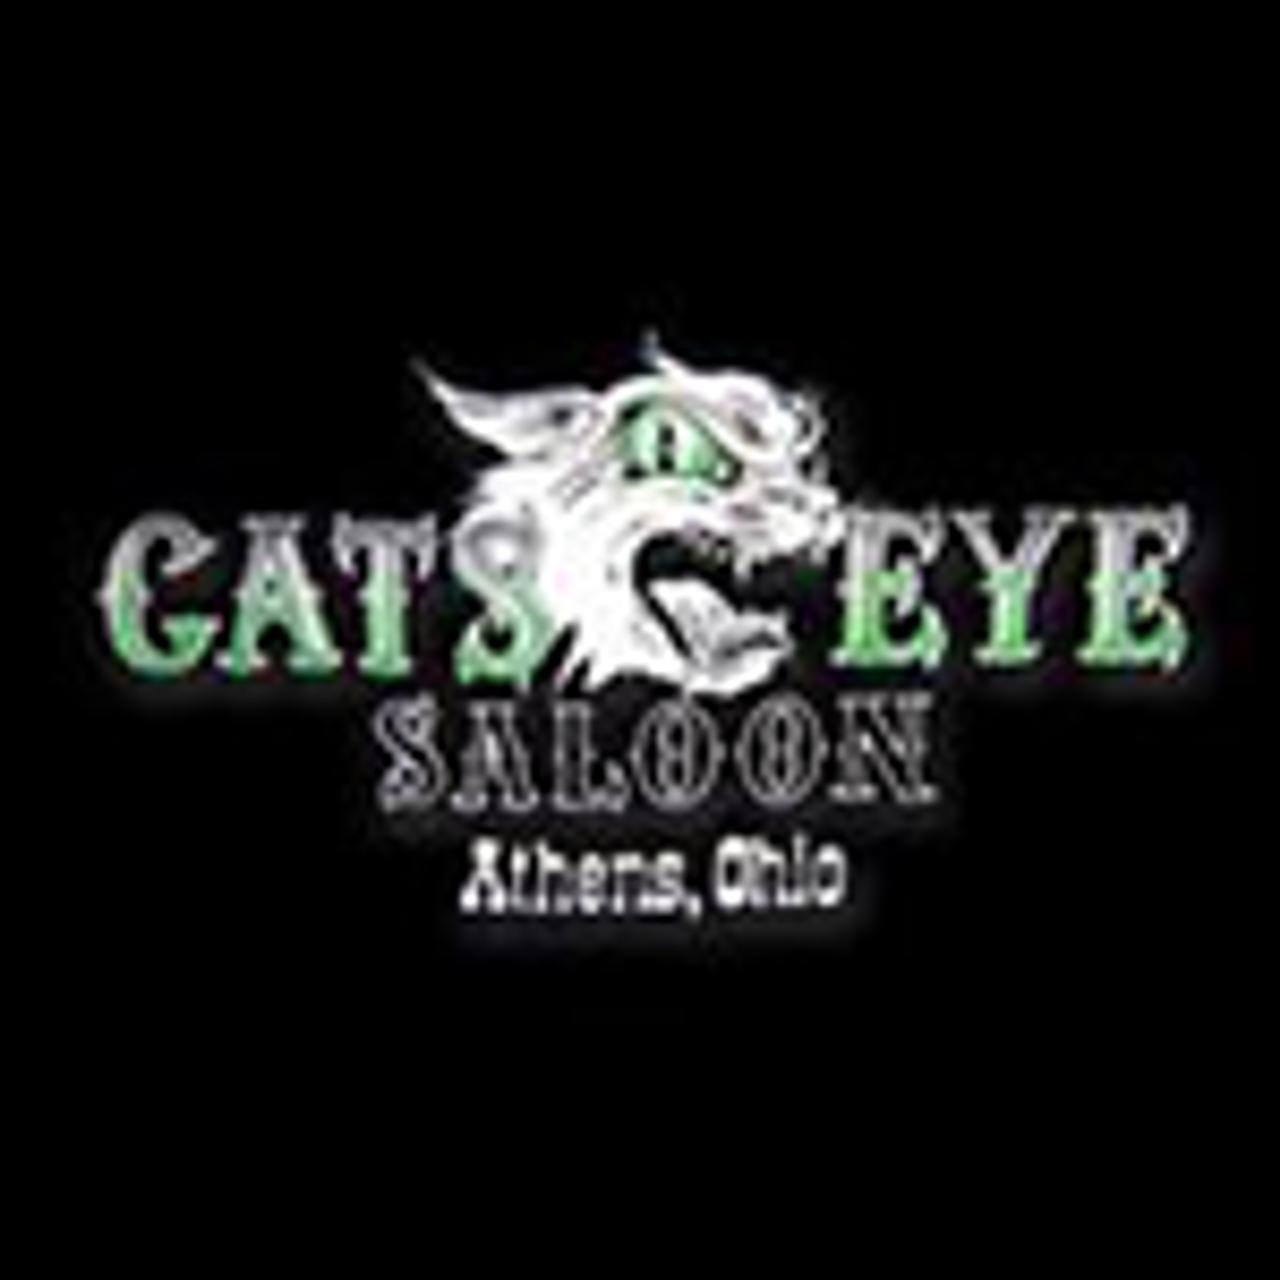 Cat's Eye Saloon